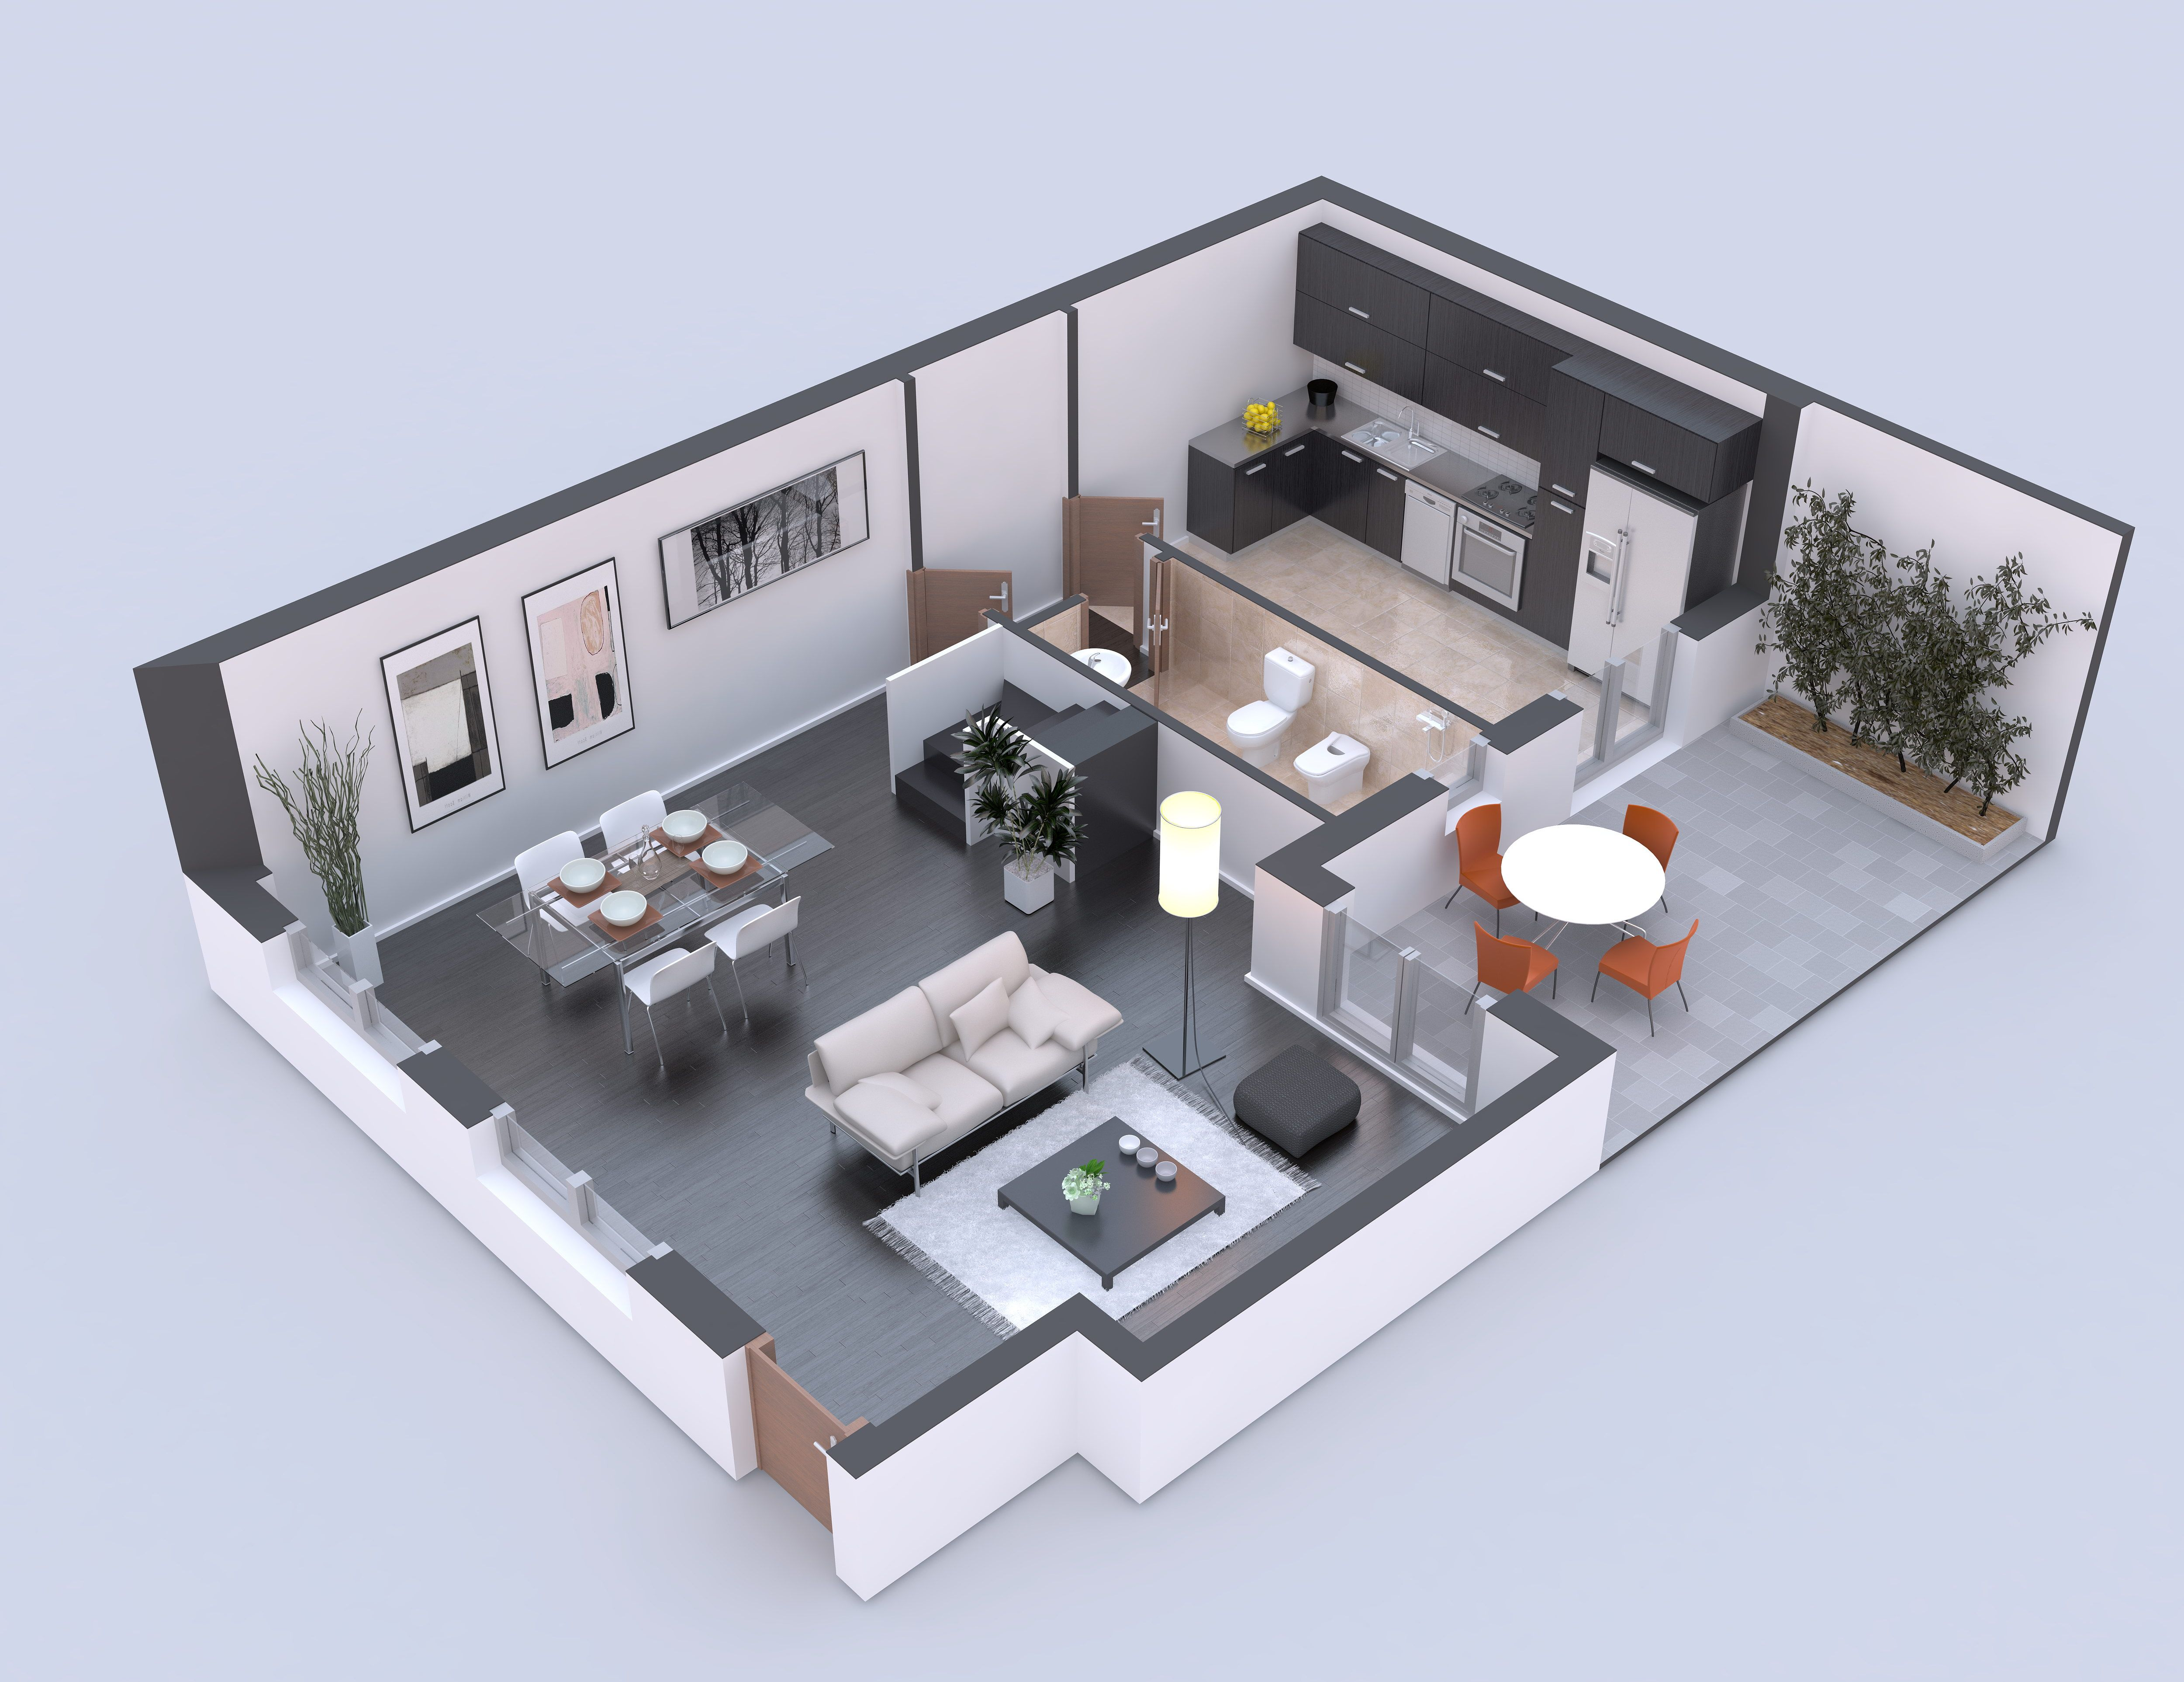 Pianta ristrutturazione Planimetrie dell'appartamento